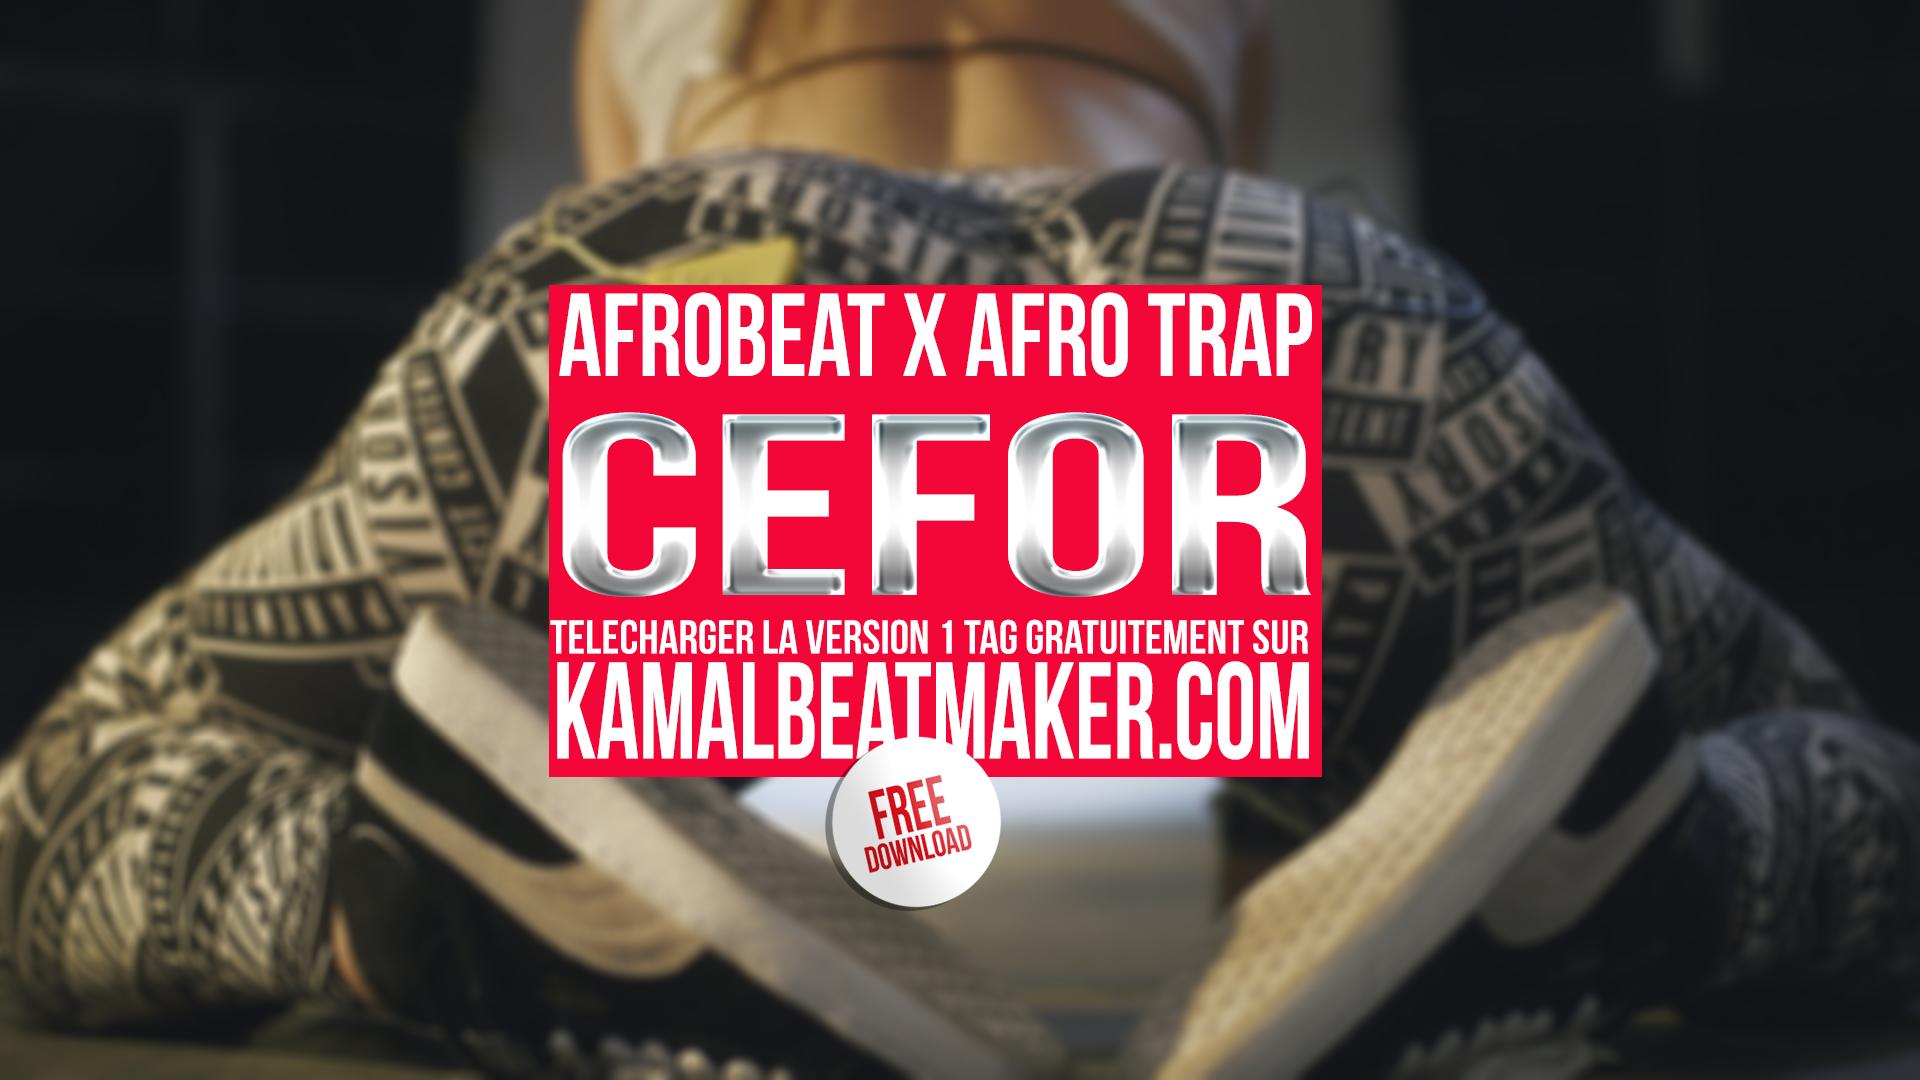 Instru Afro trap – cefor Kamal beatmaker